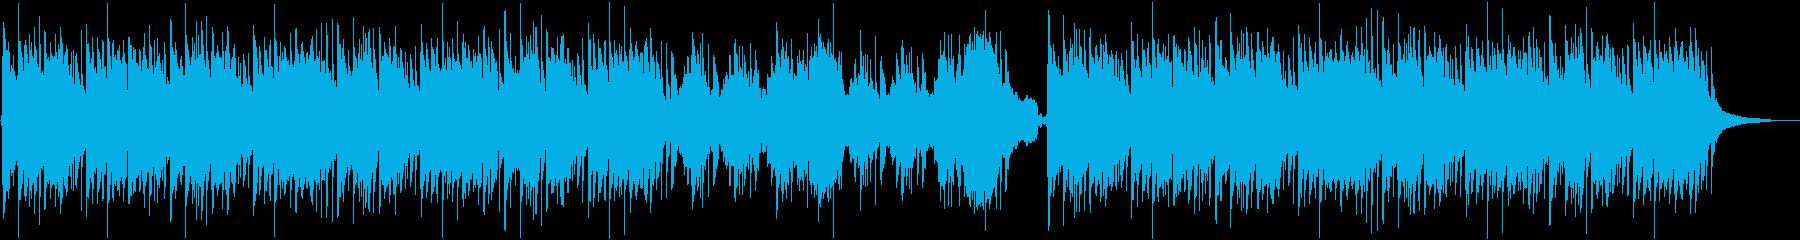 篠笛、琴を使った和風バラードBGMの再生済みの波形